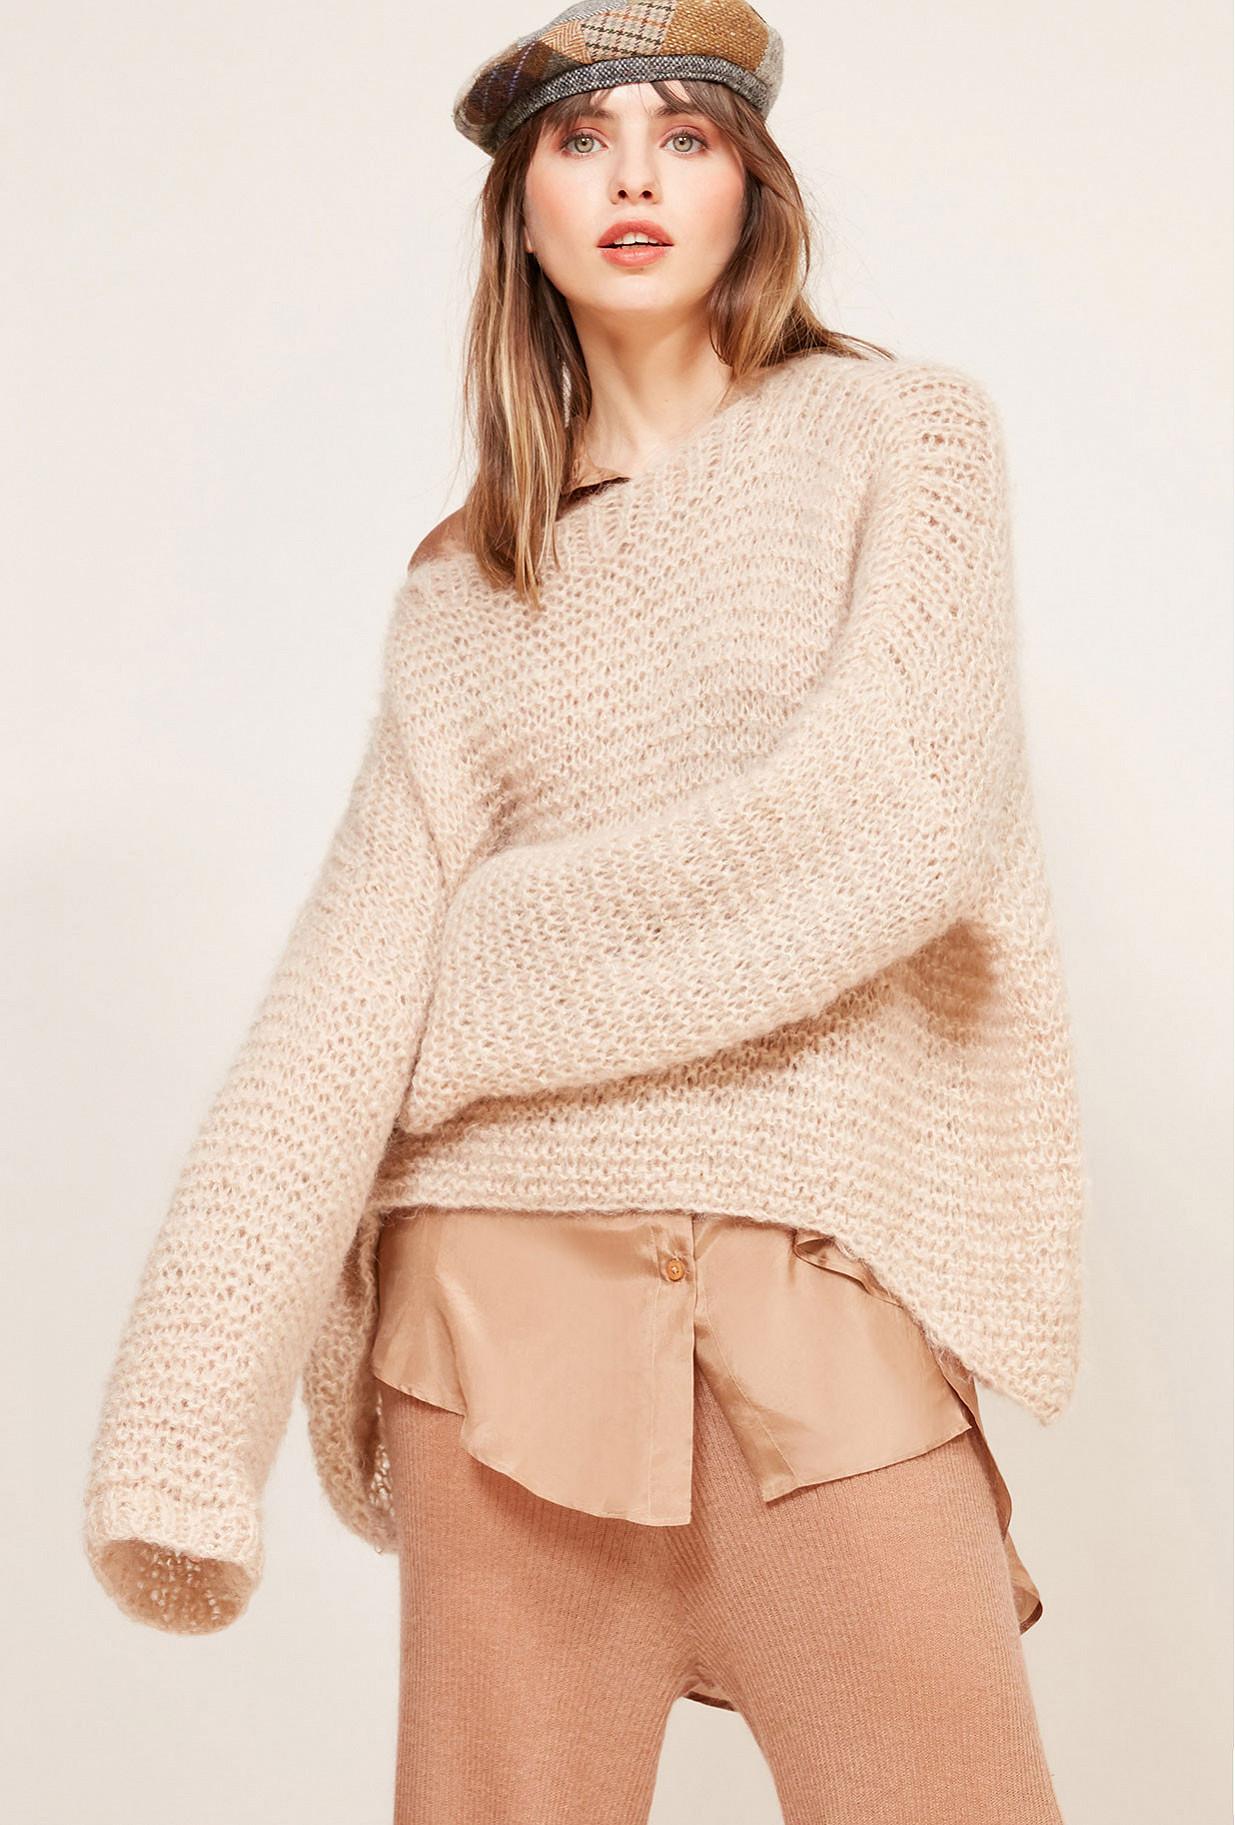 Paris clothes store Sweater  Crecelle french designer fashion Paris